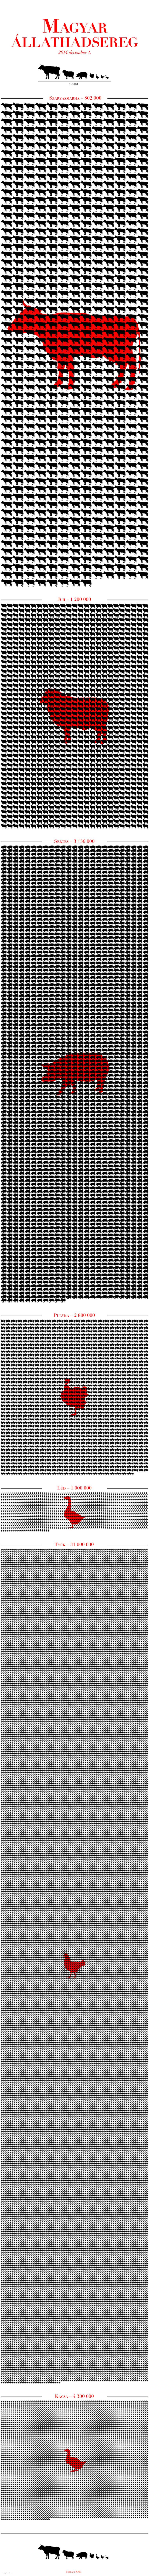 allatallomany infografika 30000